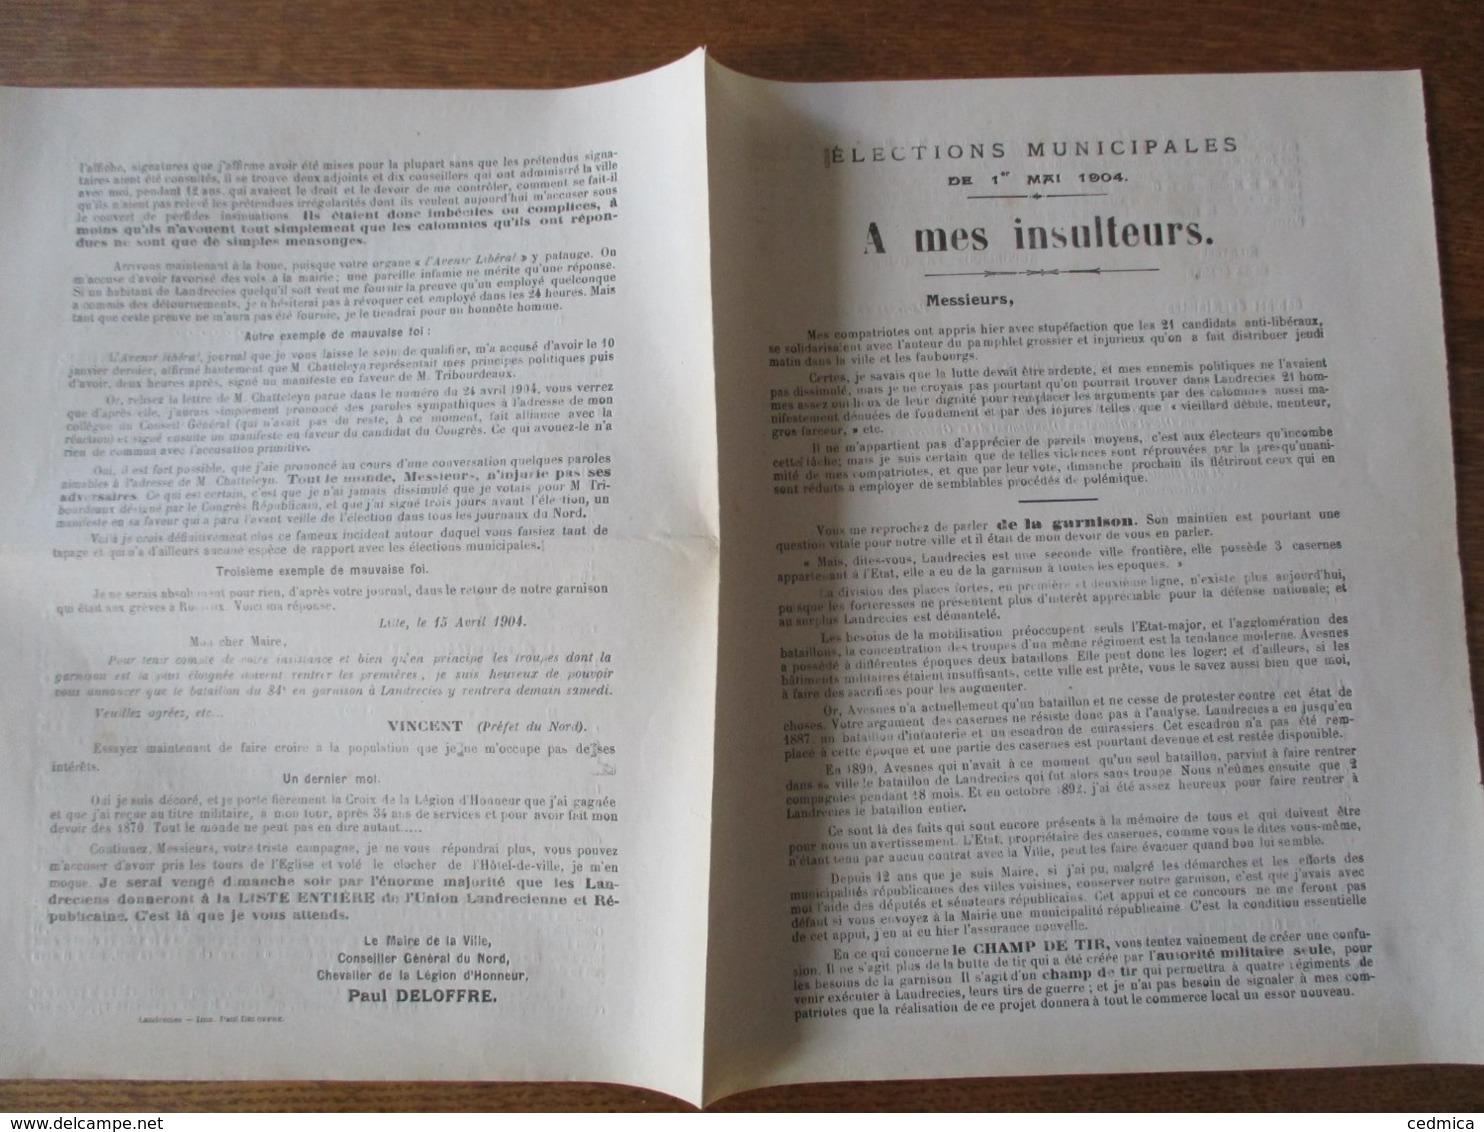 """LANDRECIES ELECTIONS MUNICIPALES DU 1er MAI 1904 COURRIER DE PAUL DELOFFRE MAIRE """"A MES INSULTEURS"""" - Documents Historiques"""